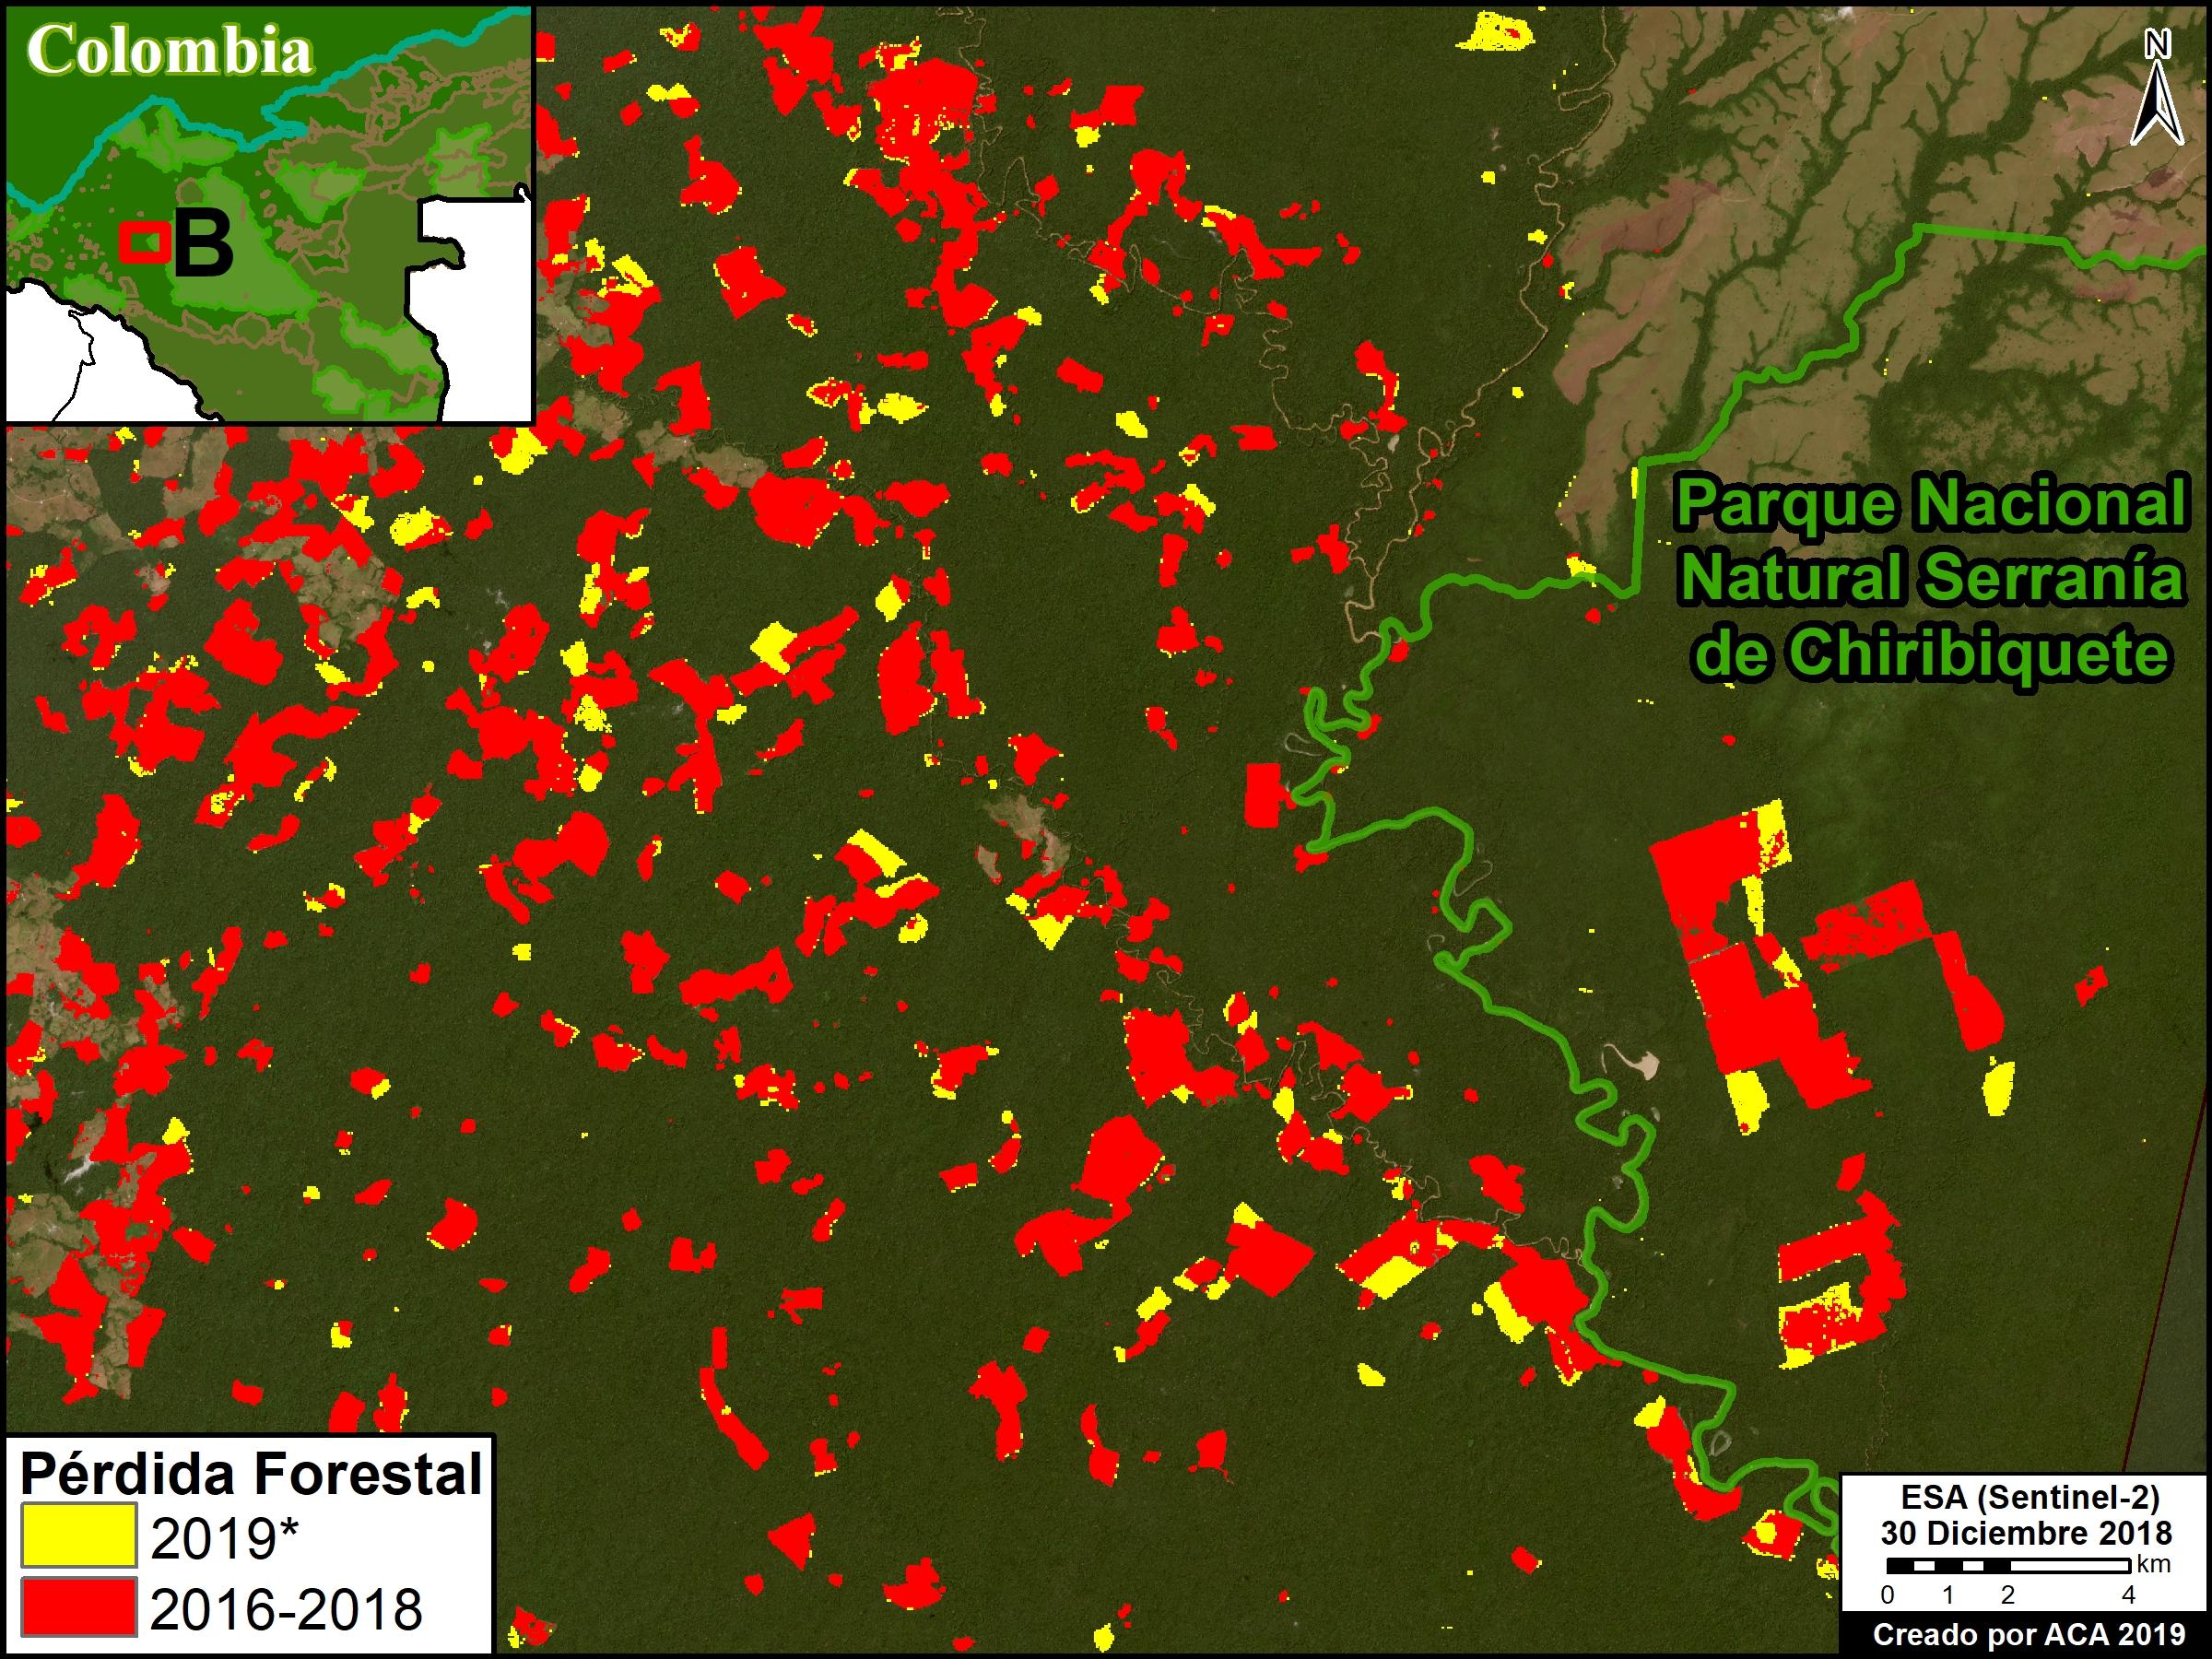 Deforestación parque Tinigua. Zoom B. Deforestación en el Parque Nacional Serranía de Chiribiquete (sector oeste), *hasta 25 de julio. Datos: UMD/GLAD, Hansen/UMD/Google/USGS/NASA, RUNAP, RAISG